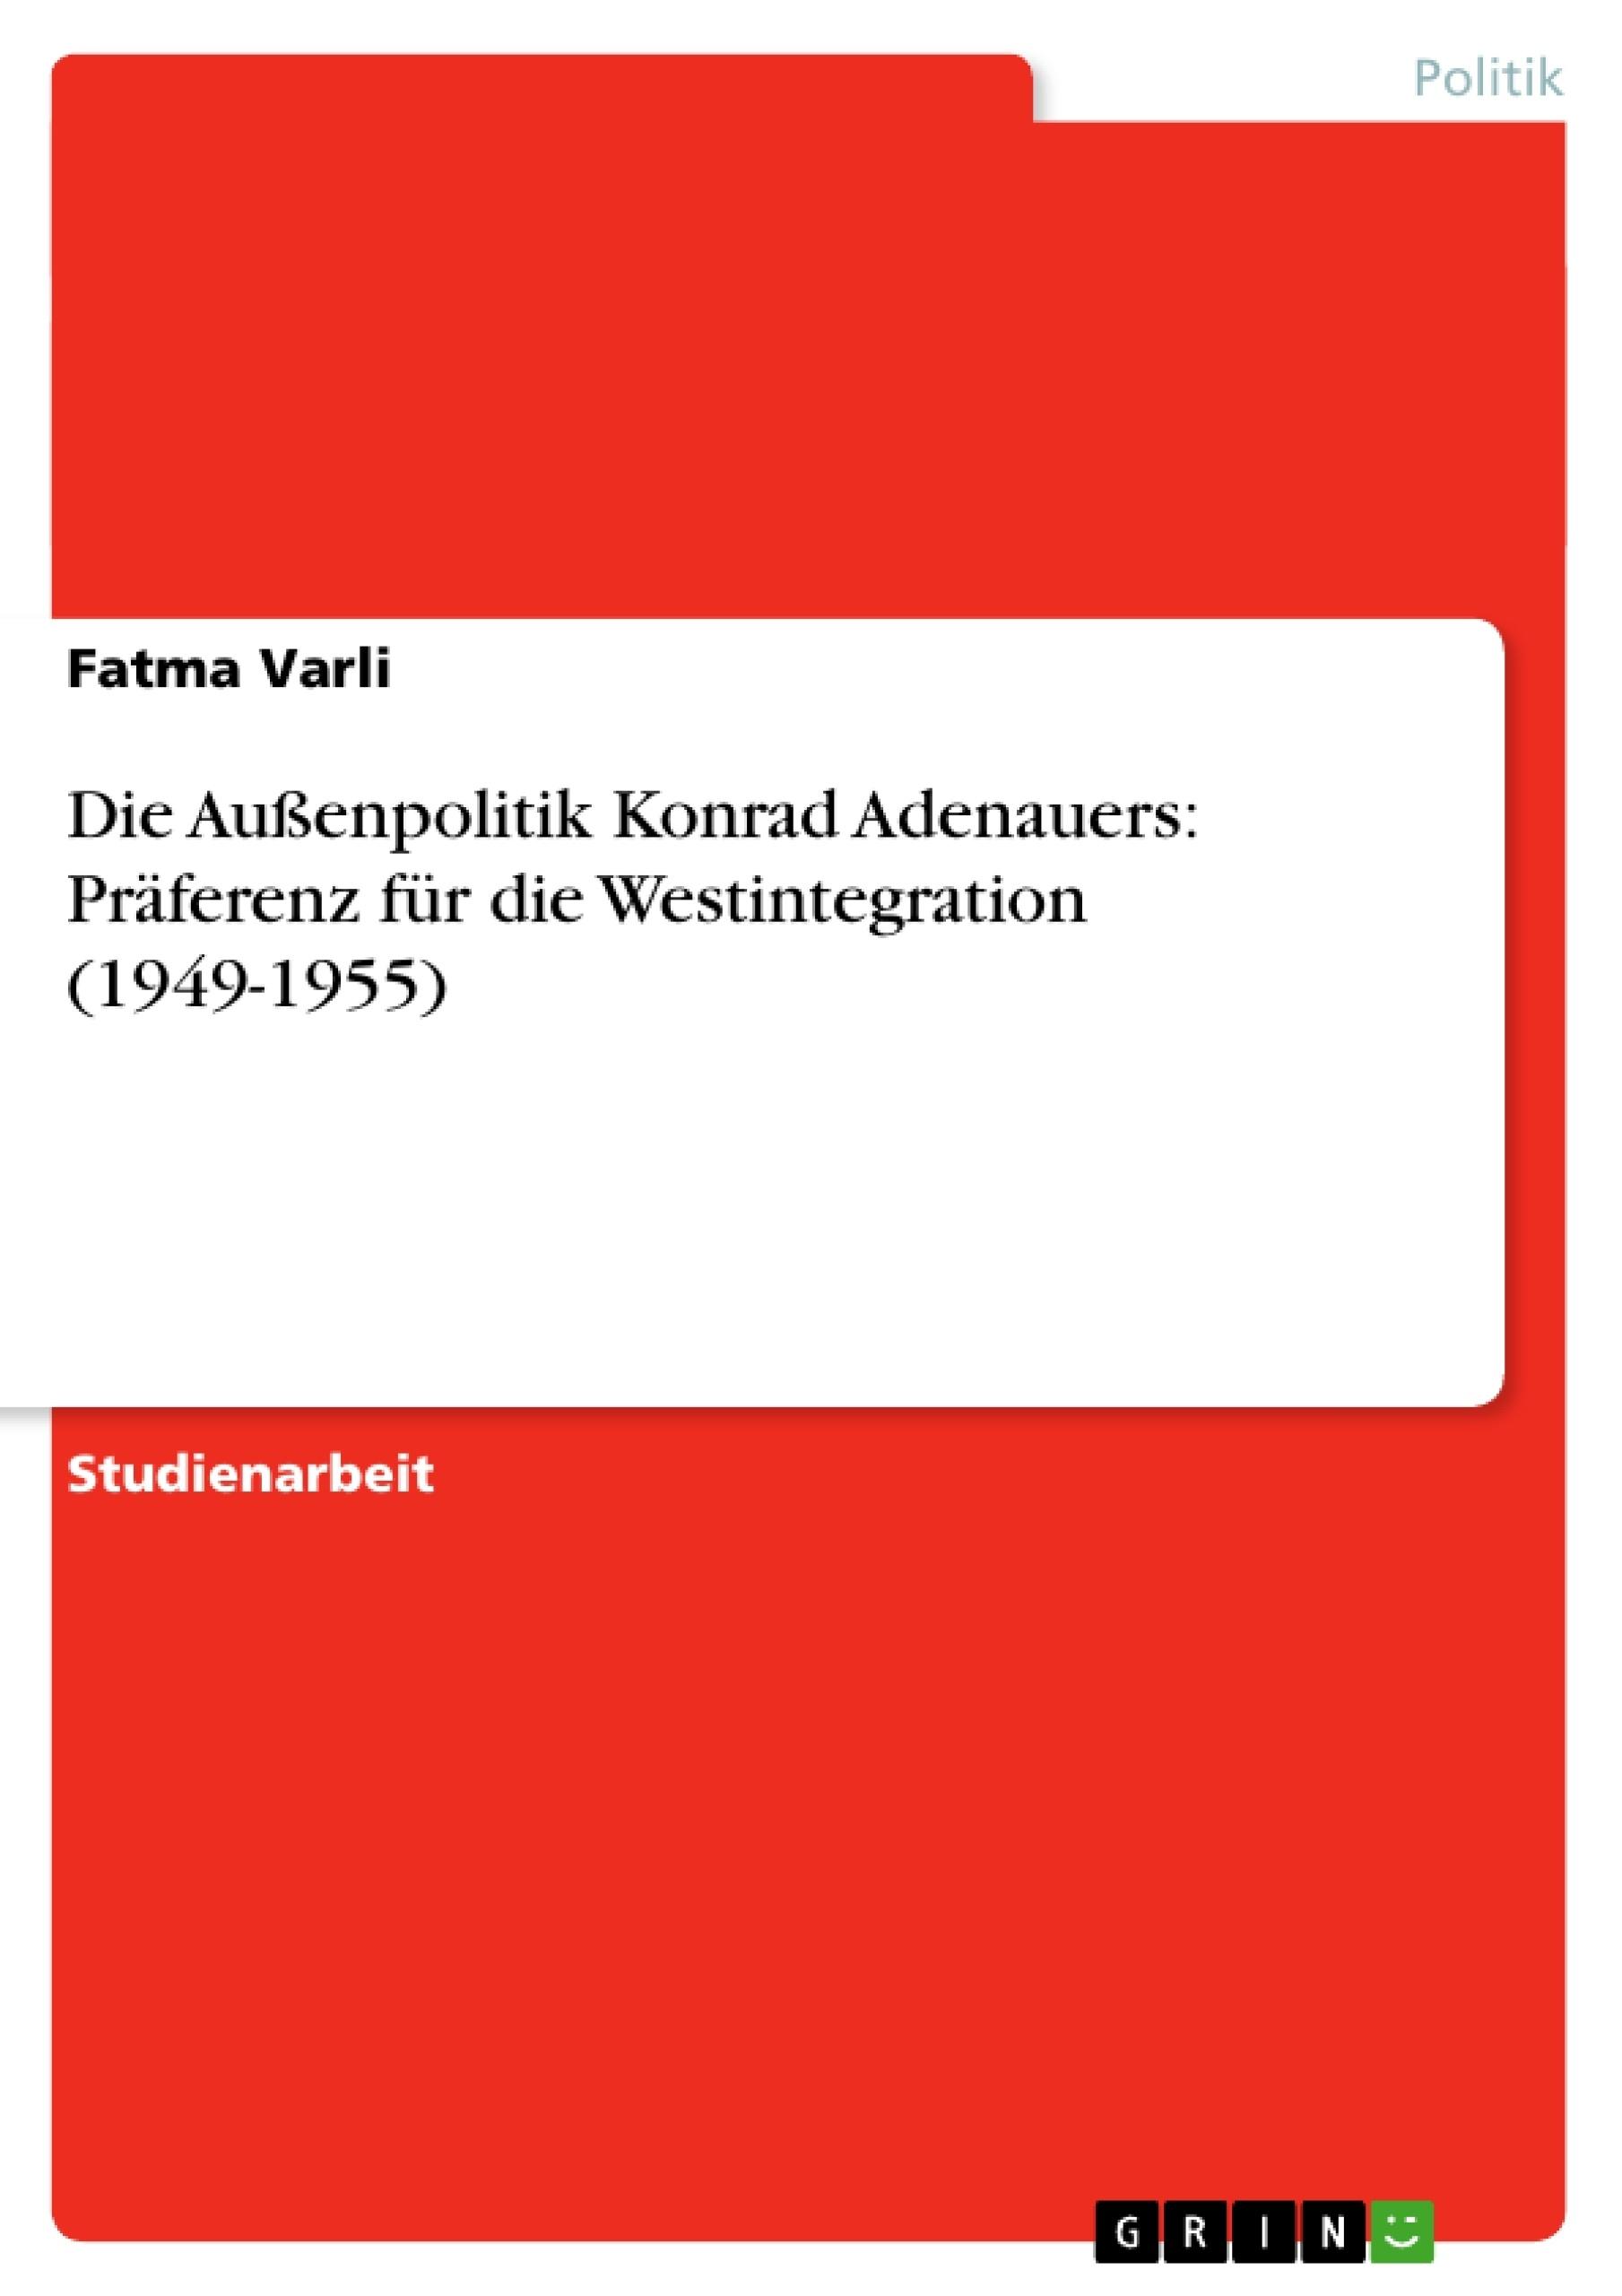 Titel: Die Außenpolitik Konrad Adenauers: Präferenz für die Westintegration (1949-1955)